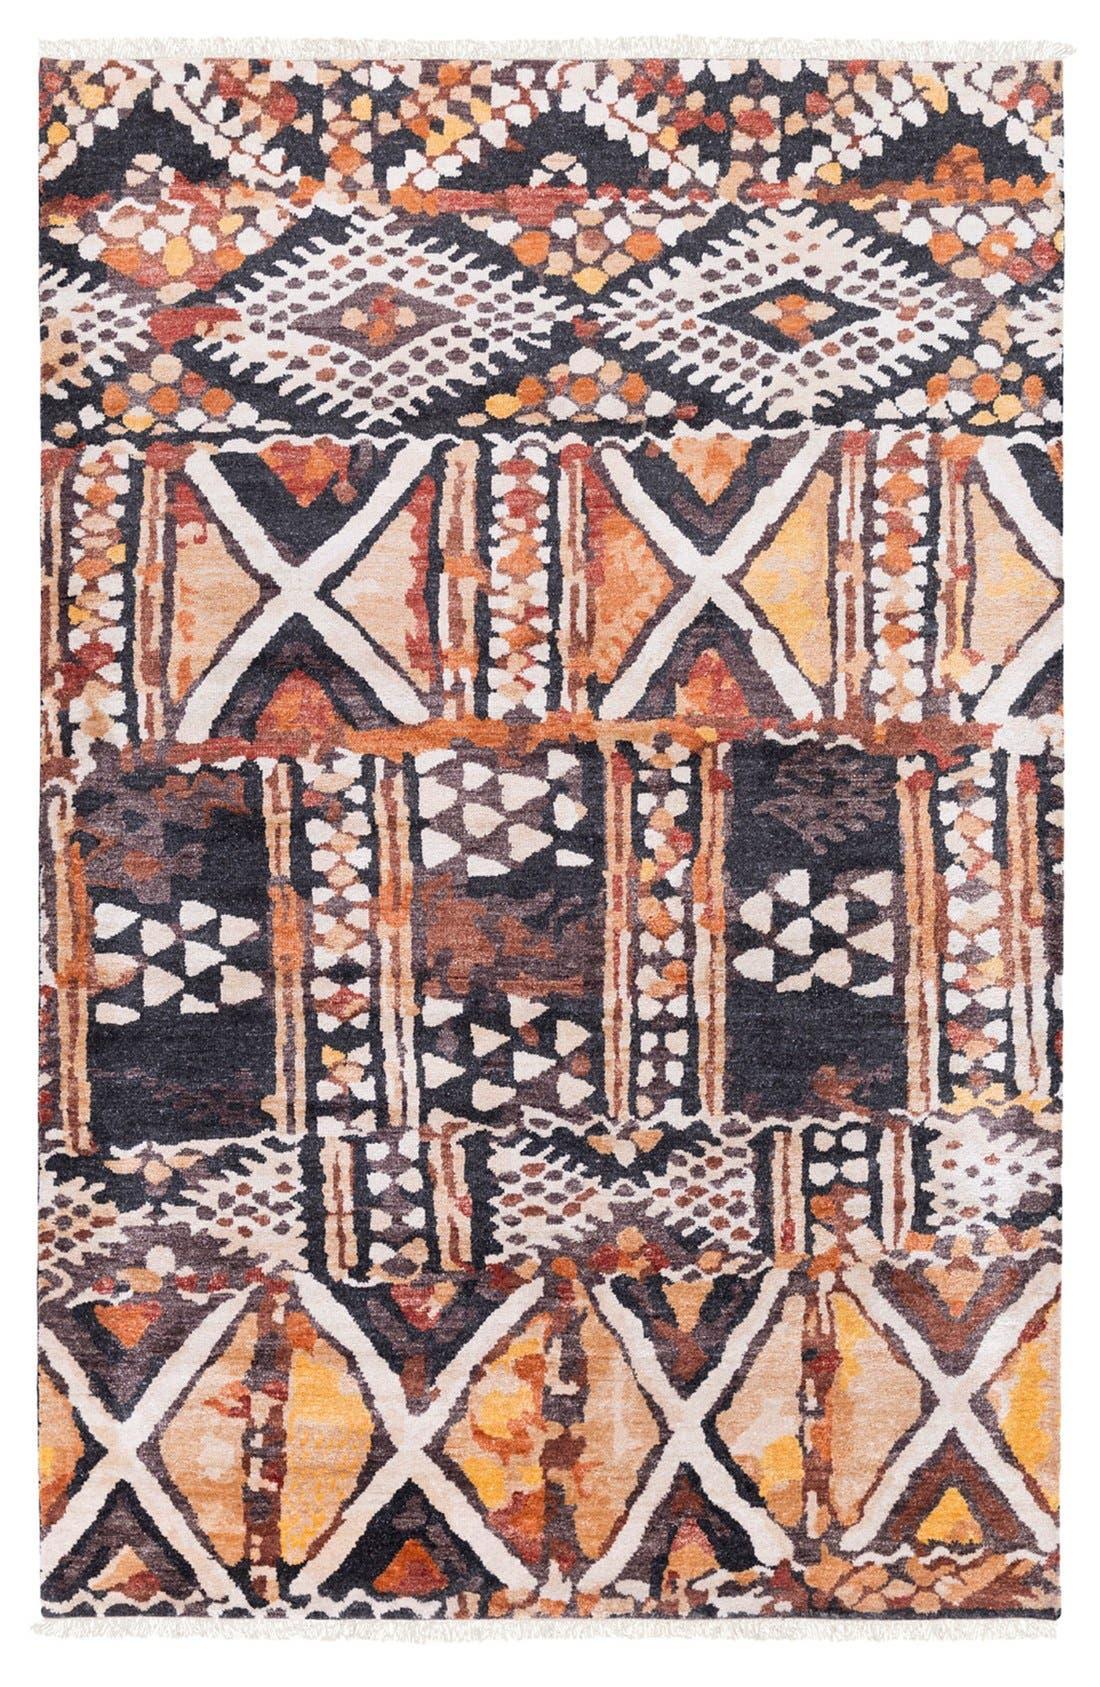 'Zambia' Rug,                             Main thumbnail 1, color,                             001